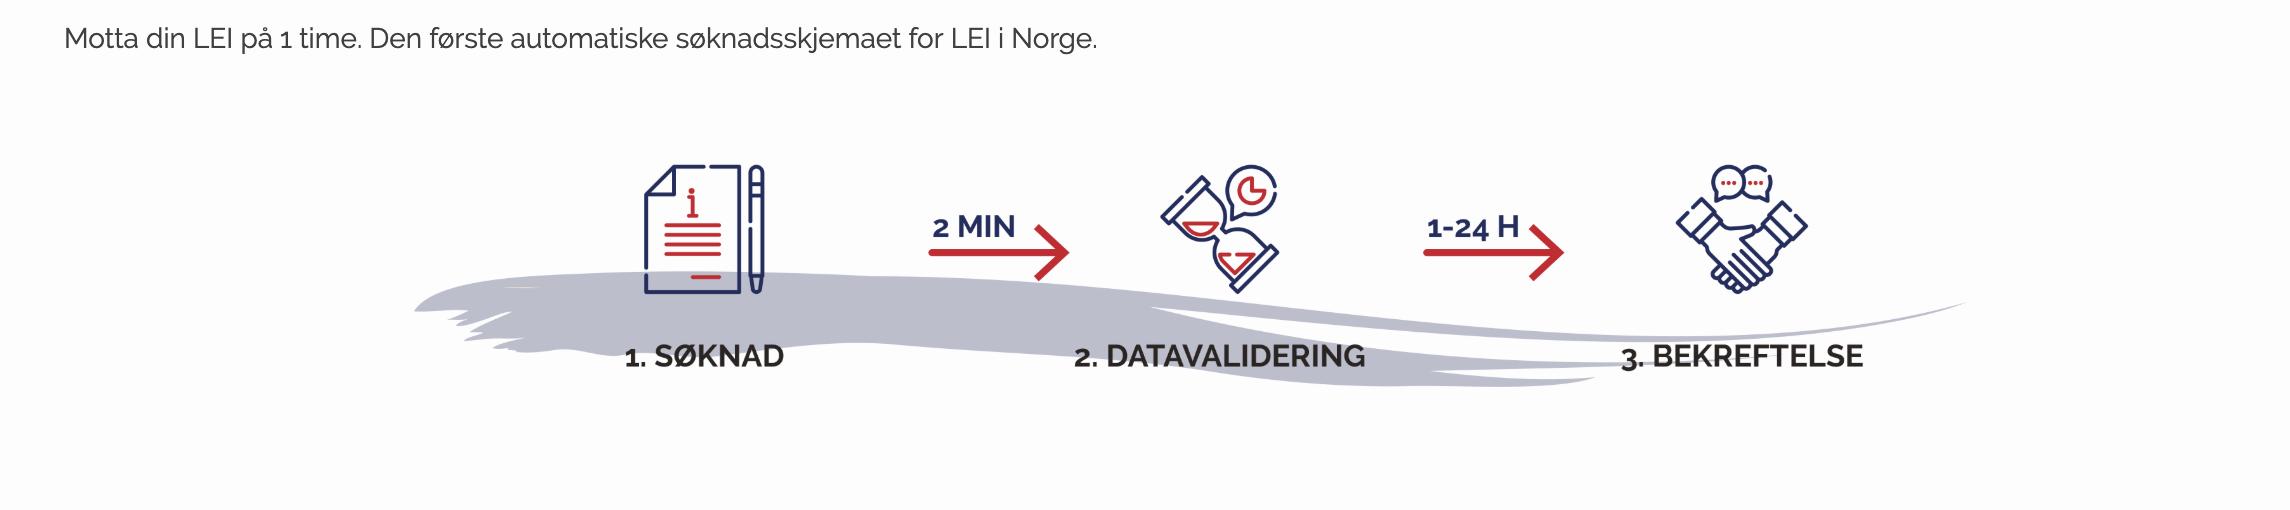 Motta din LEI på 1 time. Den første automatiske søknadsskjemaet for LEI i Norge.